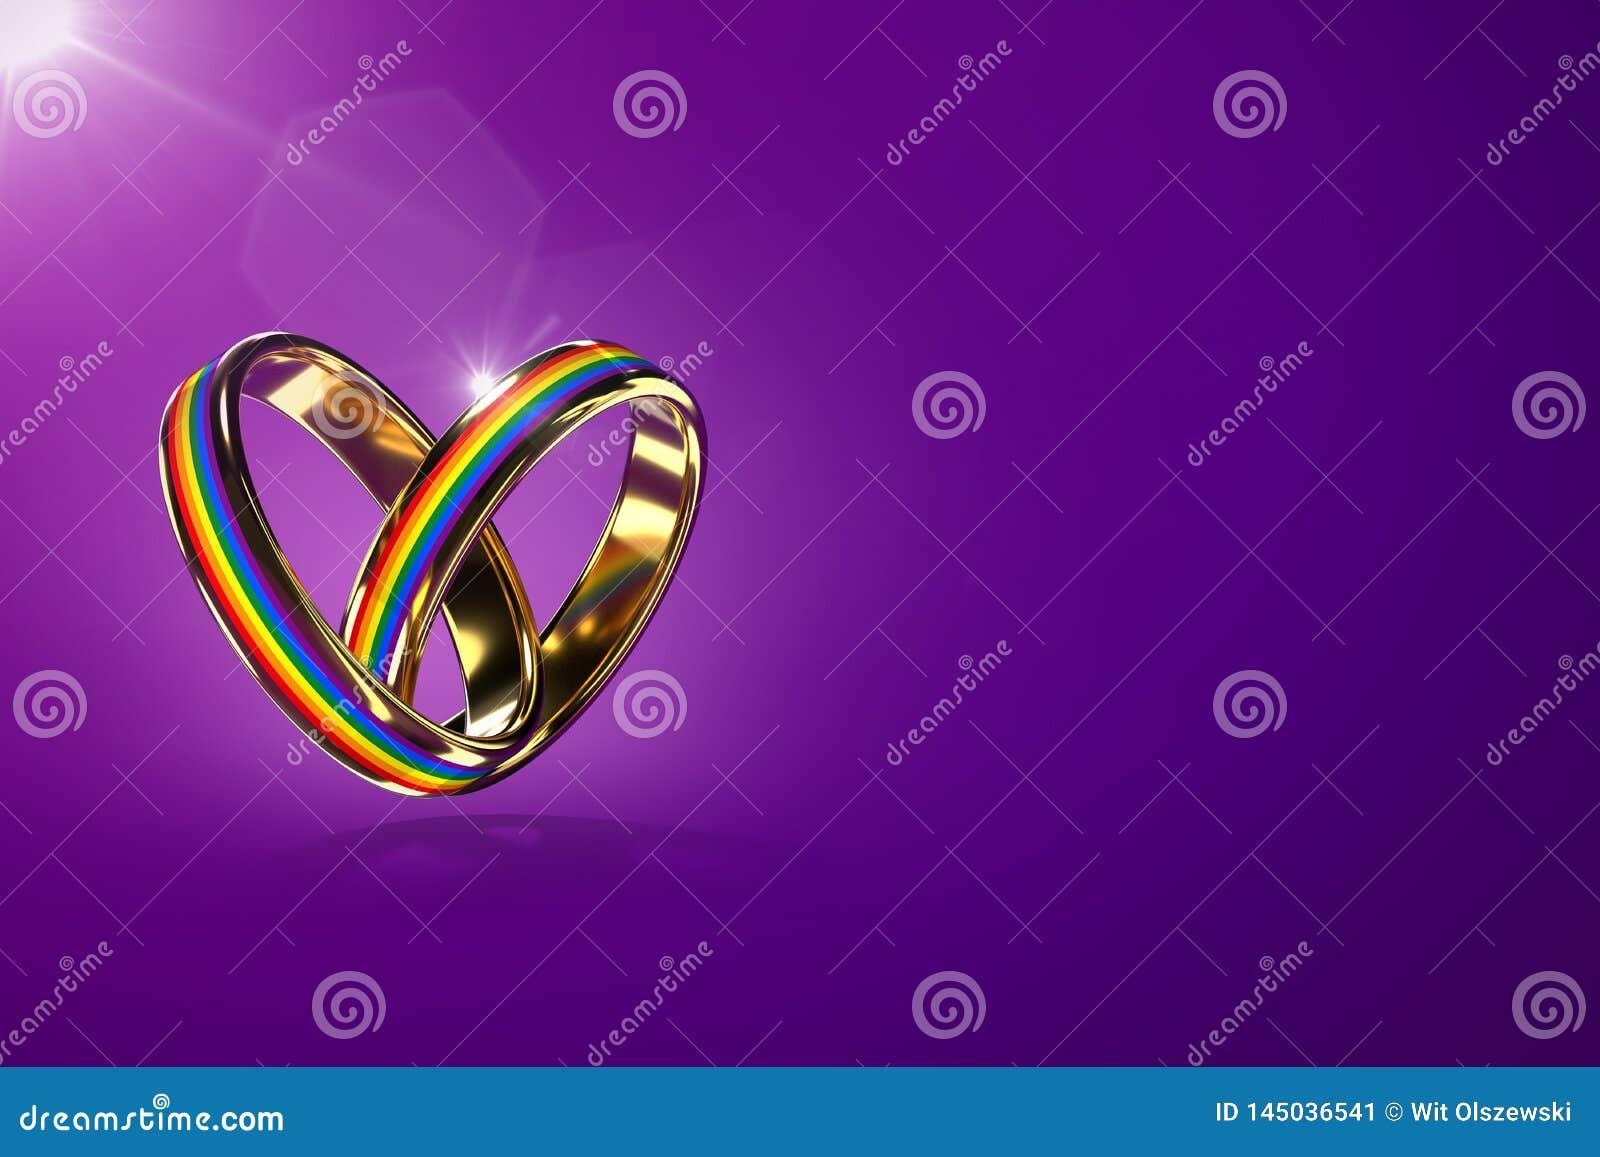 在紫色背景有彩虹颜色的两盘旋的结婚戒指隔绝的 同性恋婚姻和性别的平等权利运动